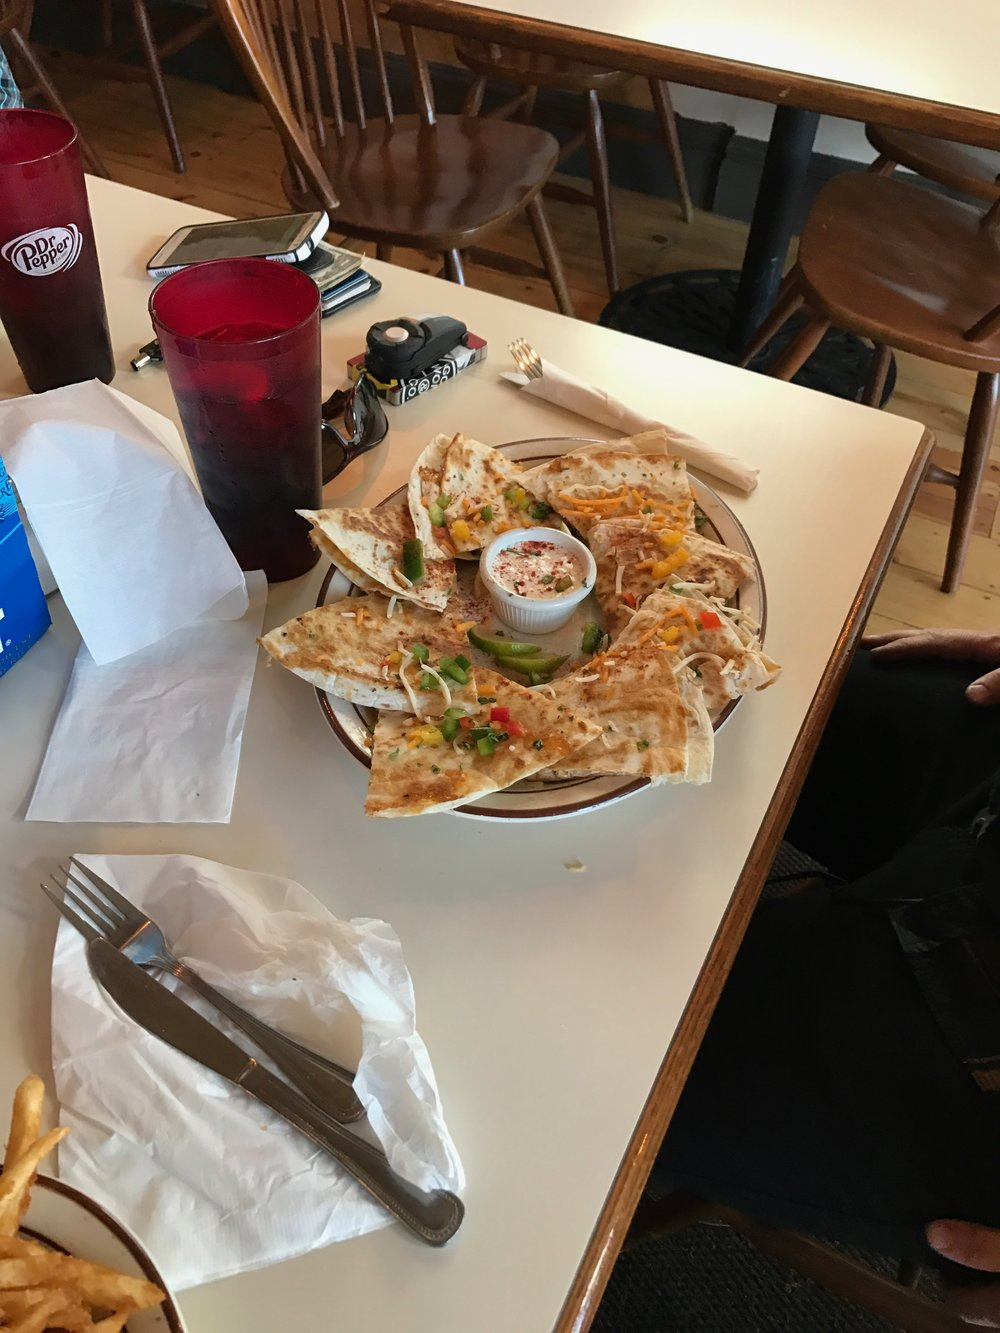 Hwy 6 Diner Food .JPG